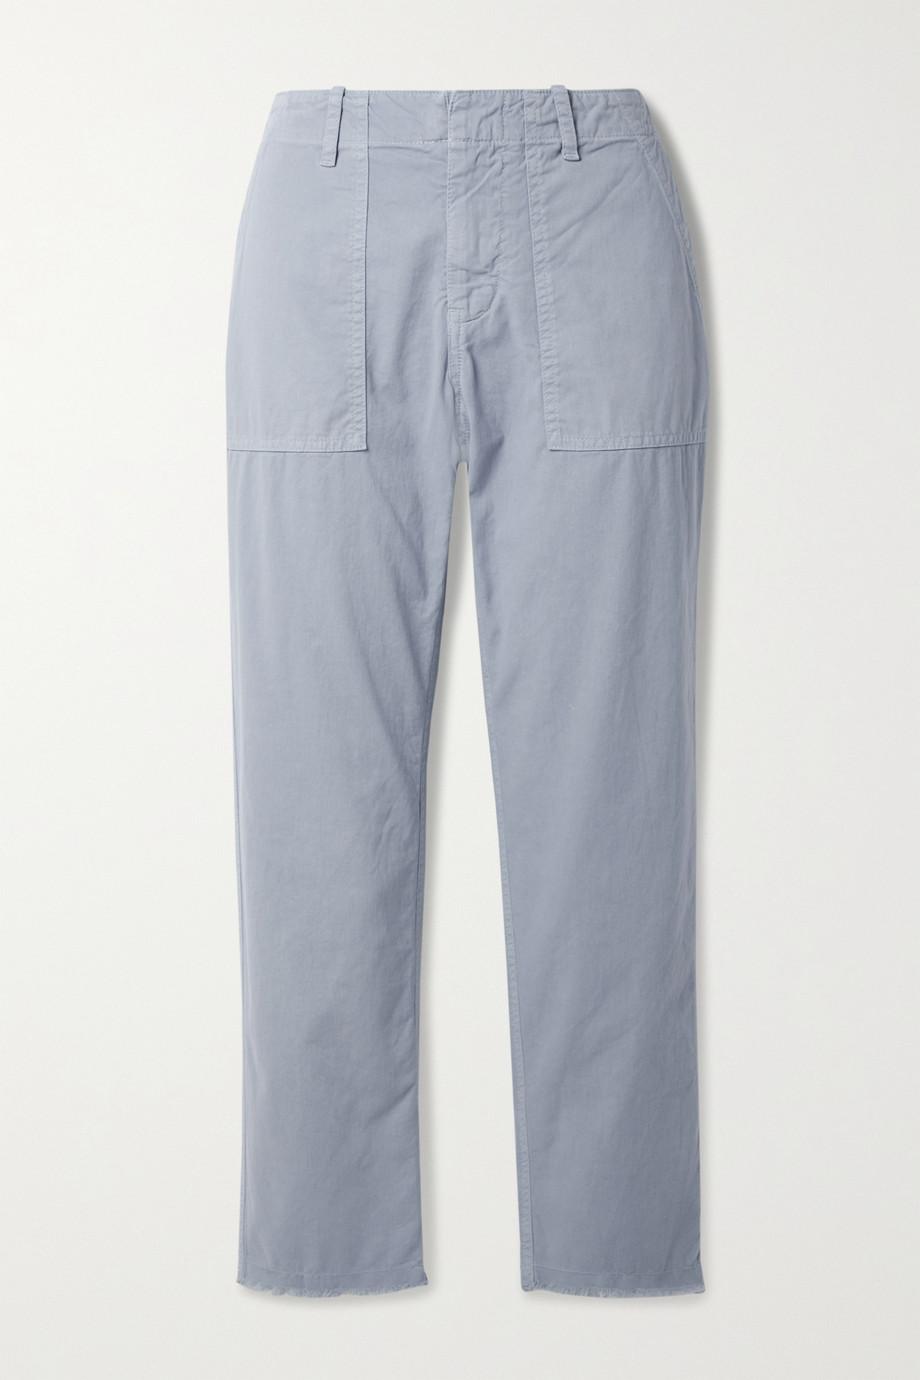 Nili Lotan Jenna cropped frayed cotton-blend twill straight-leg pants